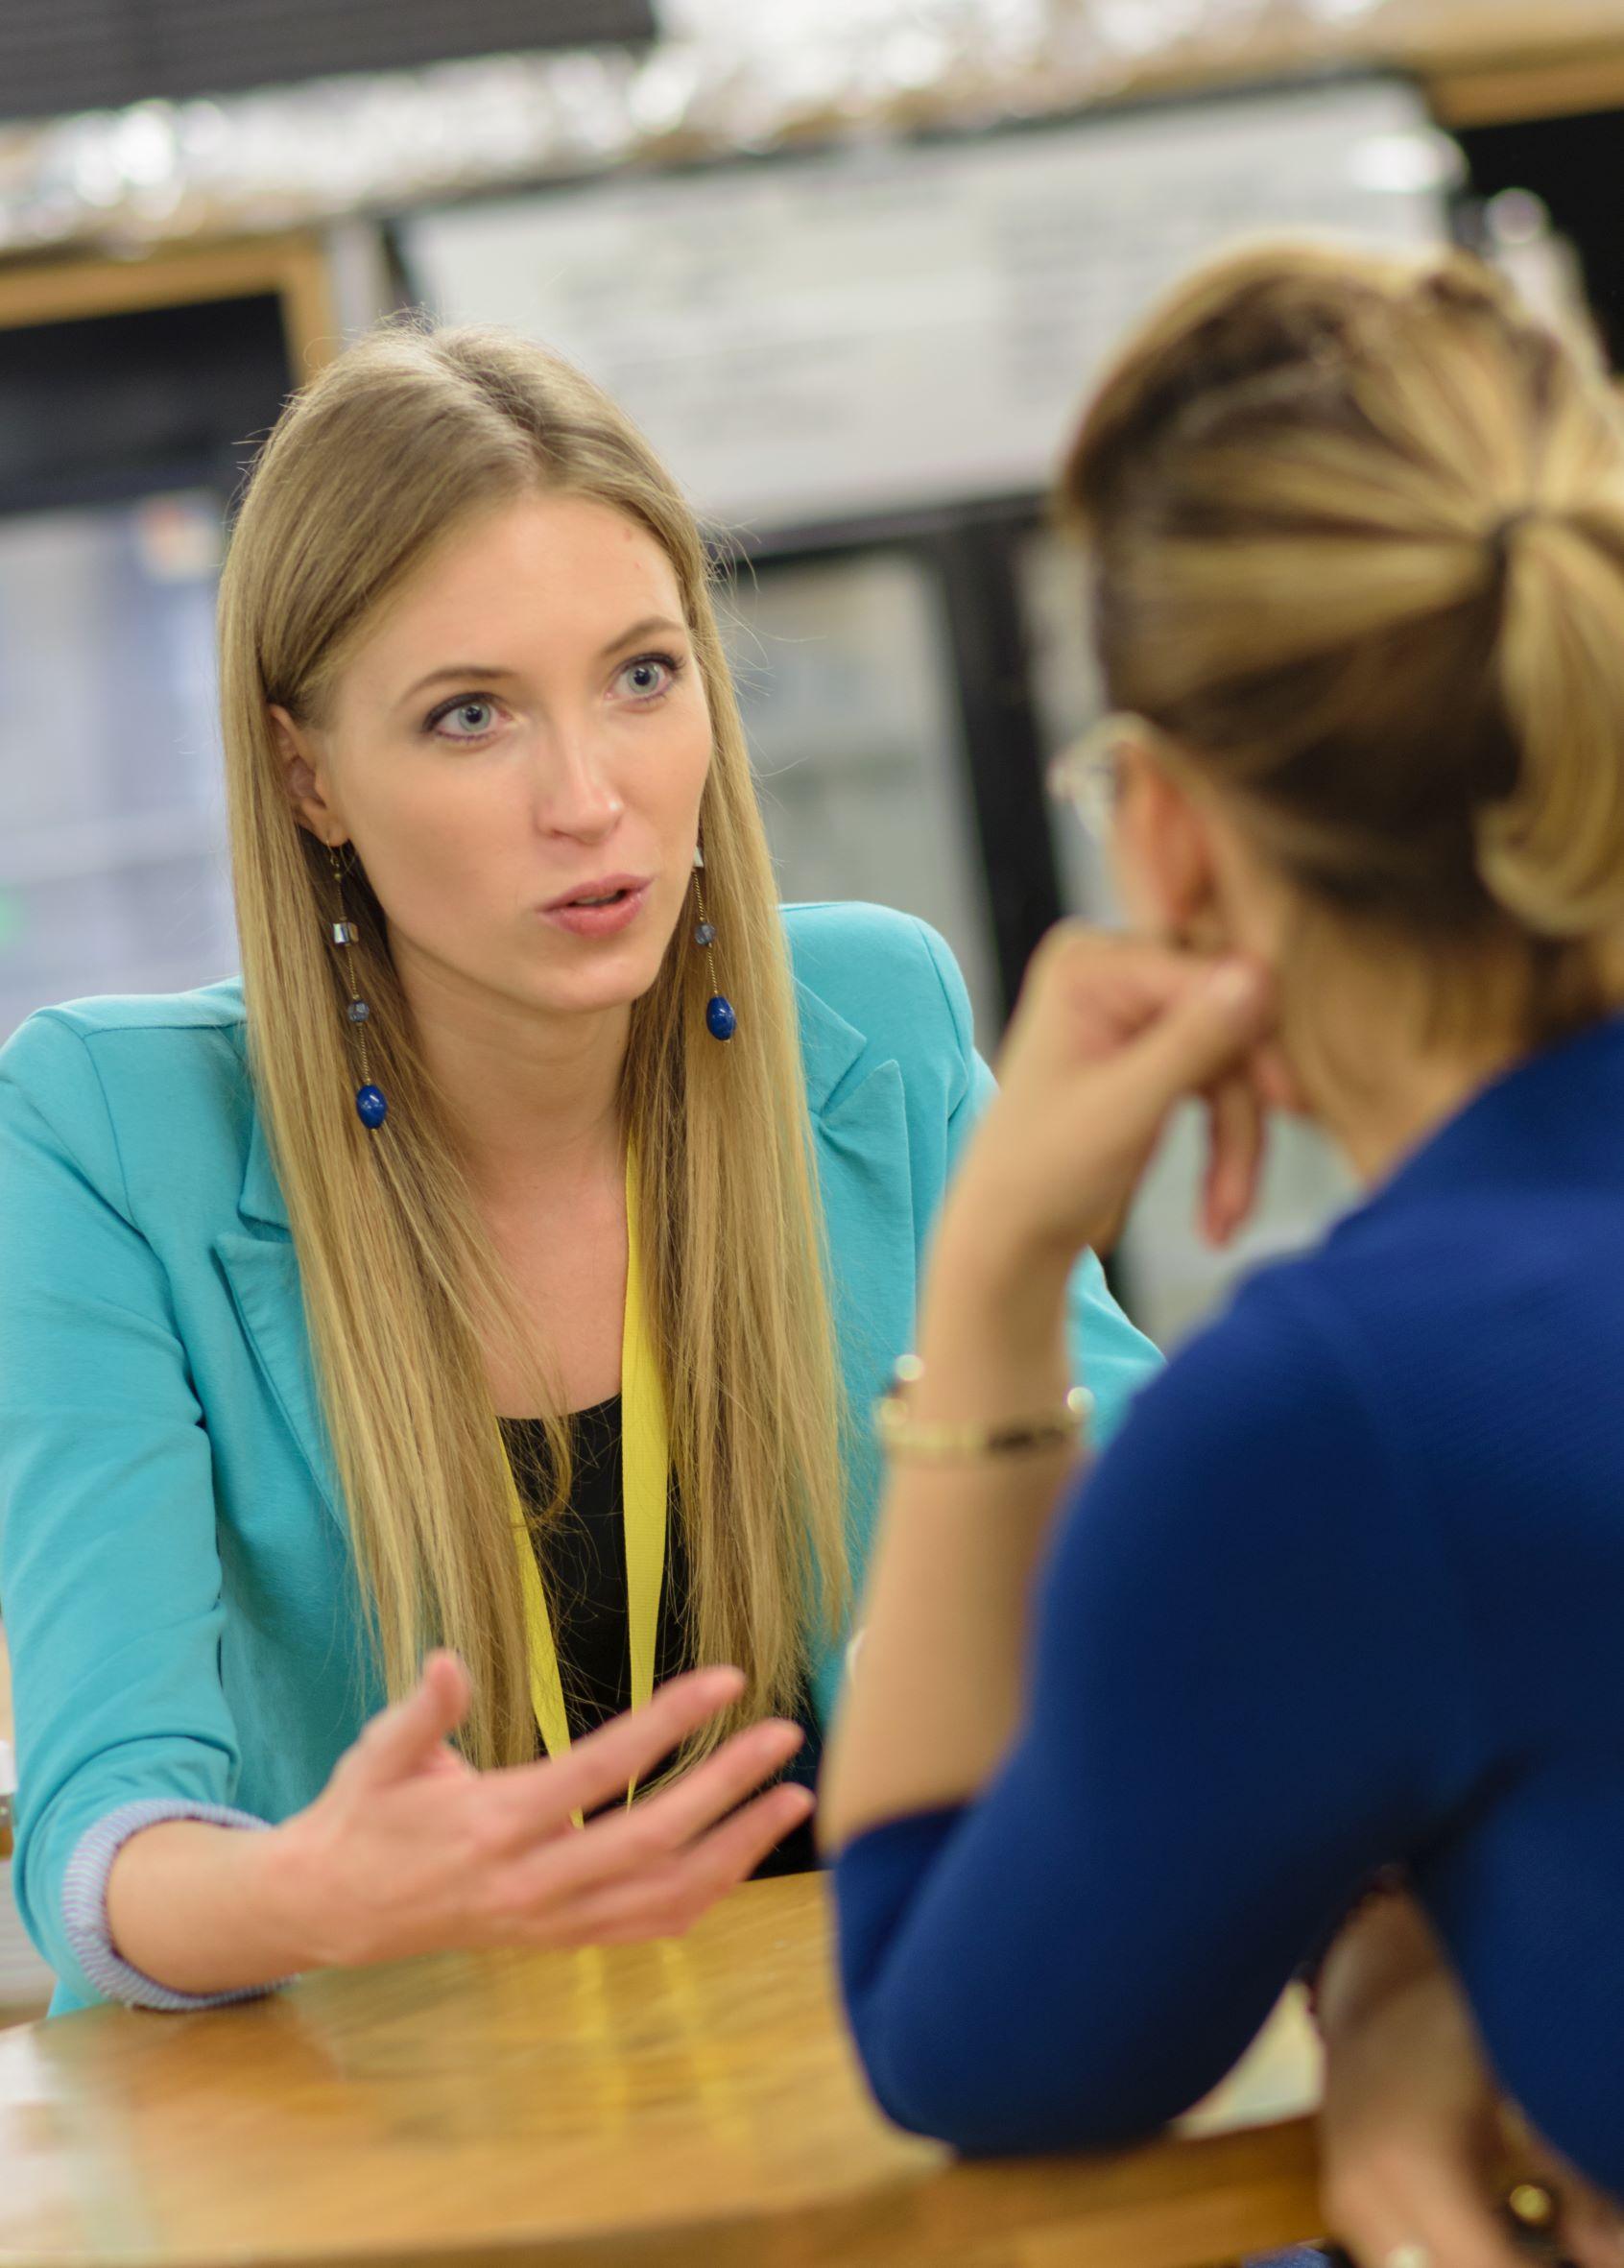 voice-coach-egyéni-tréning-csoportos-beszédtréning-beszédtechnika-oktatás